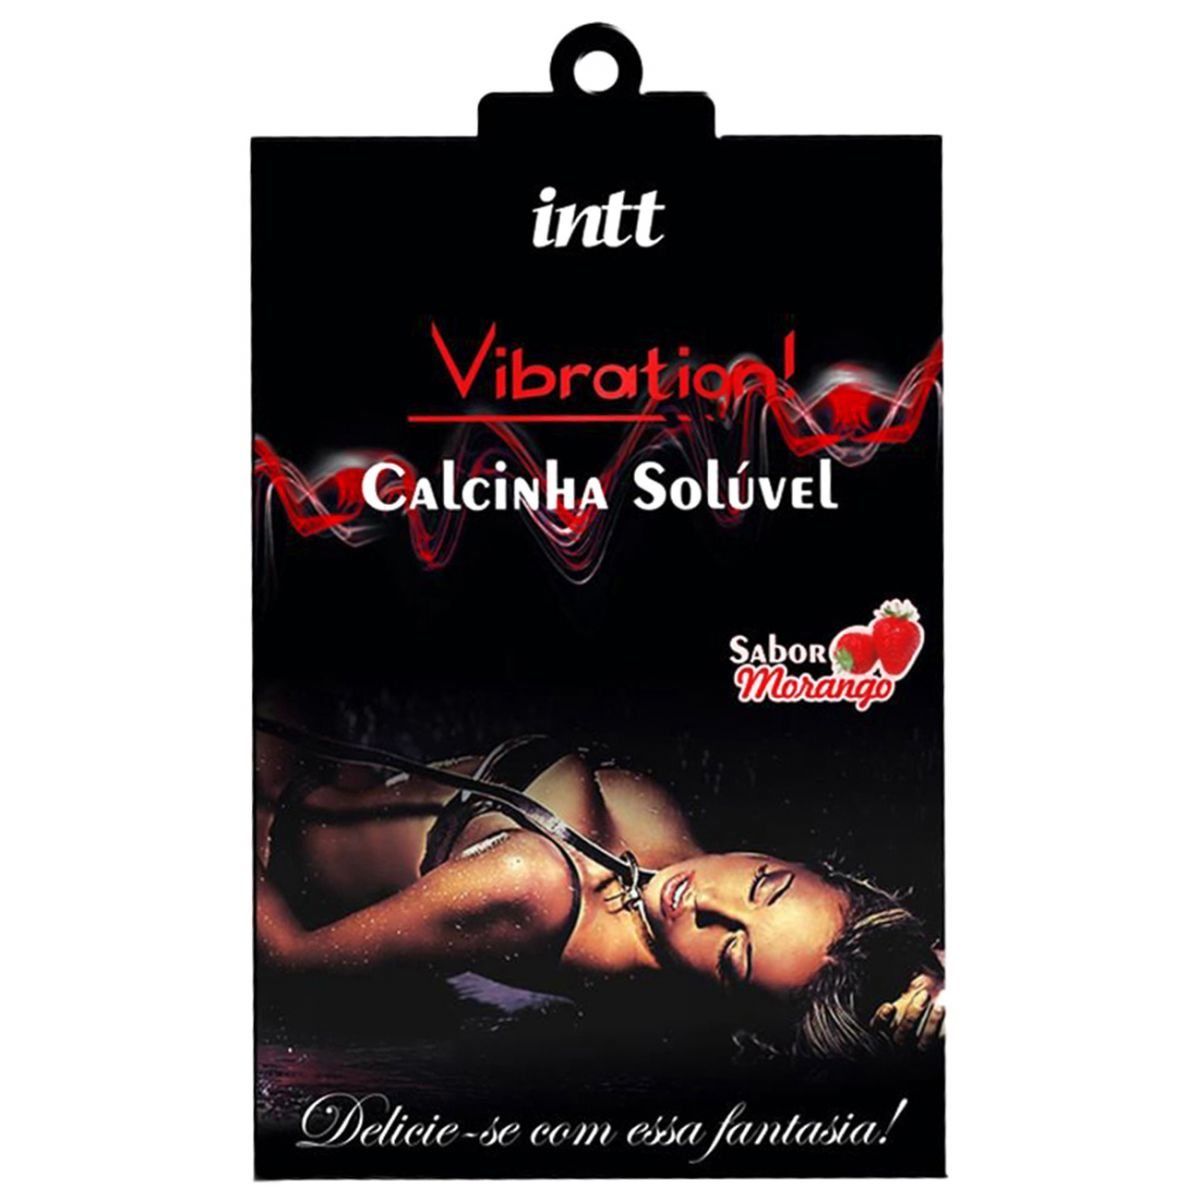 Calcinha comestível vibration intt  - Sex Shop Cuiaba - Sexshop - Sexyshop - Produtos Eróticos